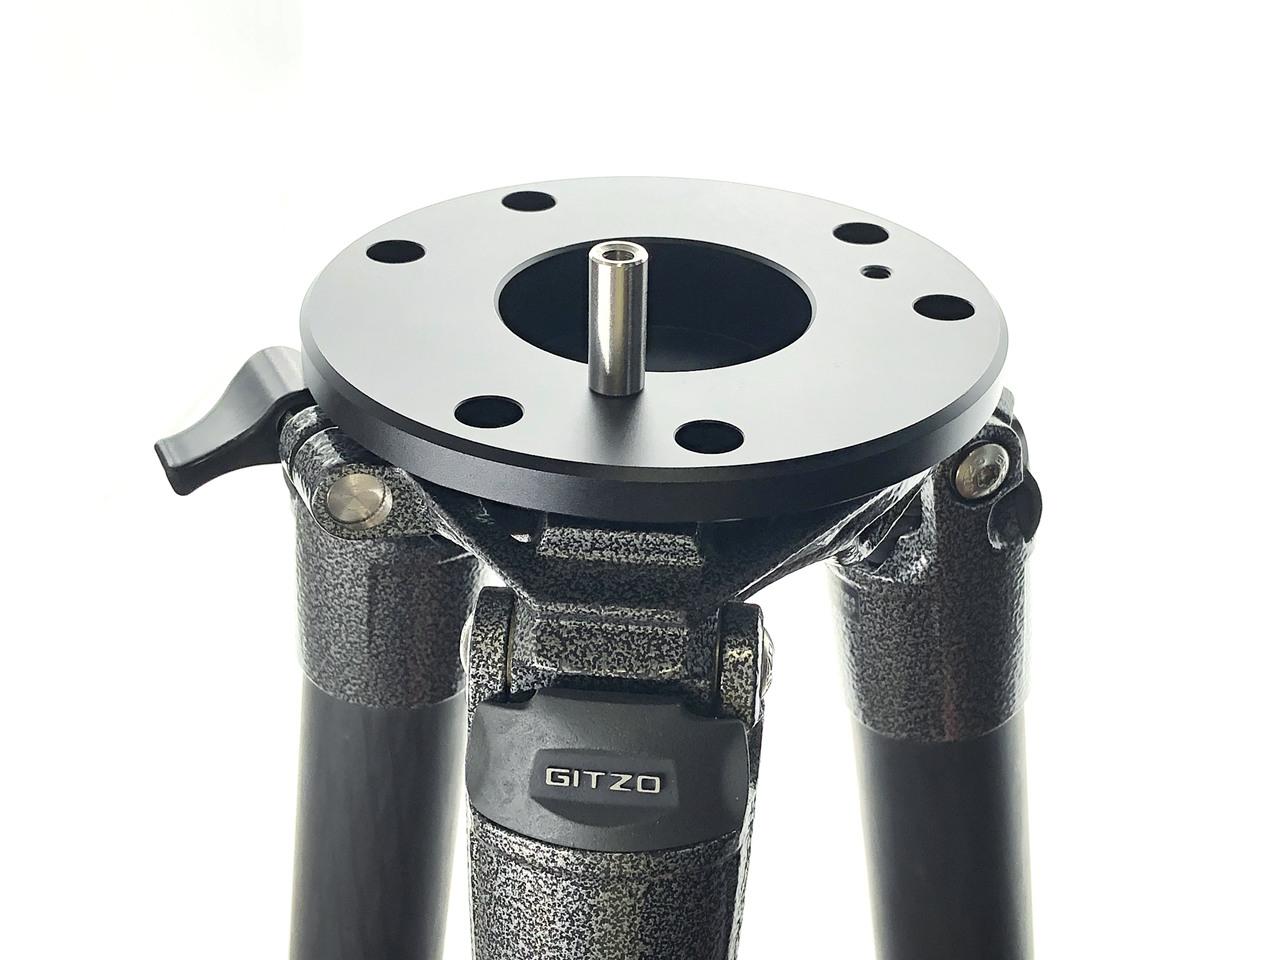 SD017-ジッツオ5型三脚対応 ビクセン取付直径Φ60�赤道儀用アダプター VIXEN-GP、GPD、旧型GP2等使用可能 クリックポスト送料一律200円